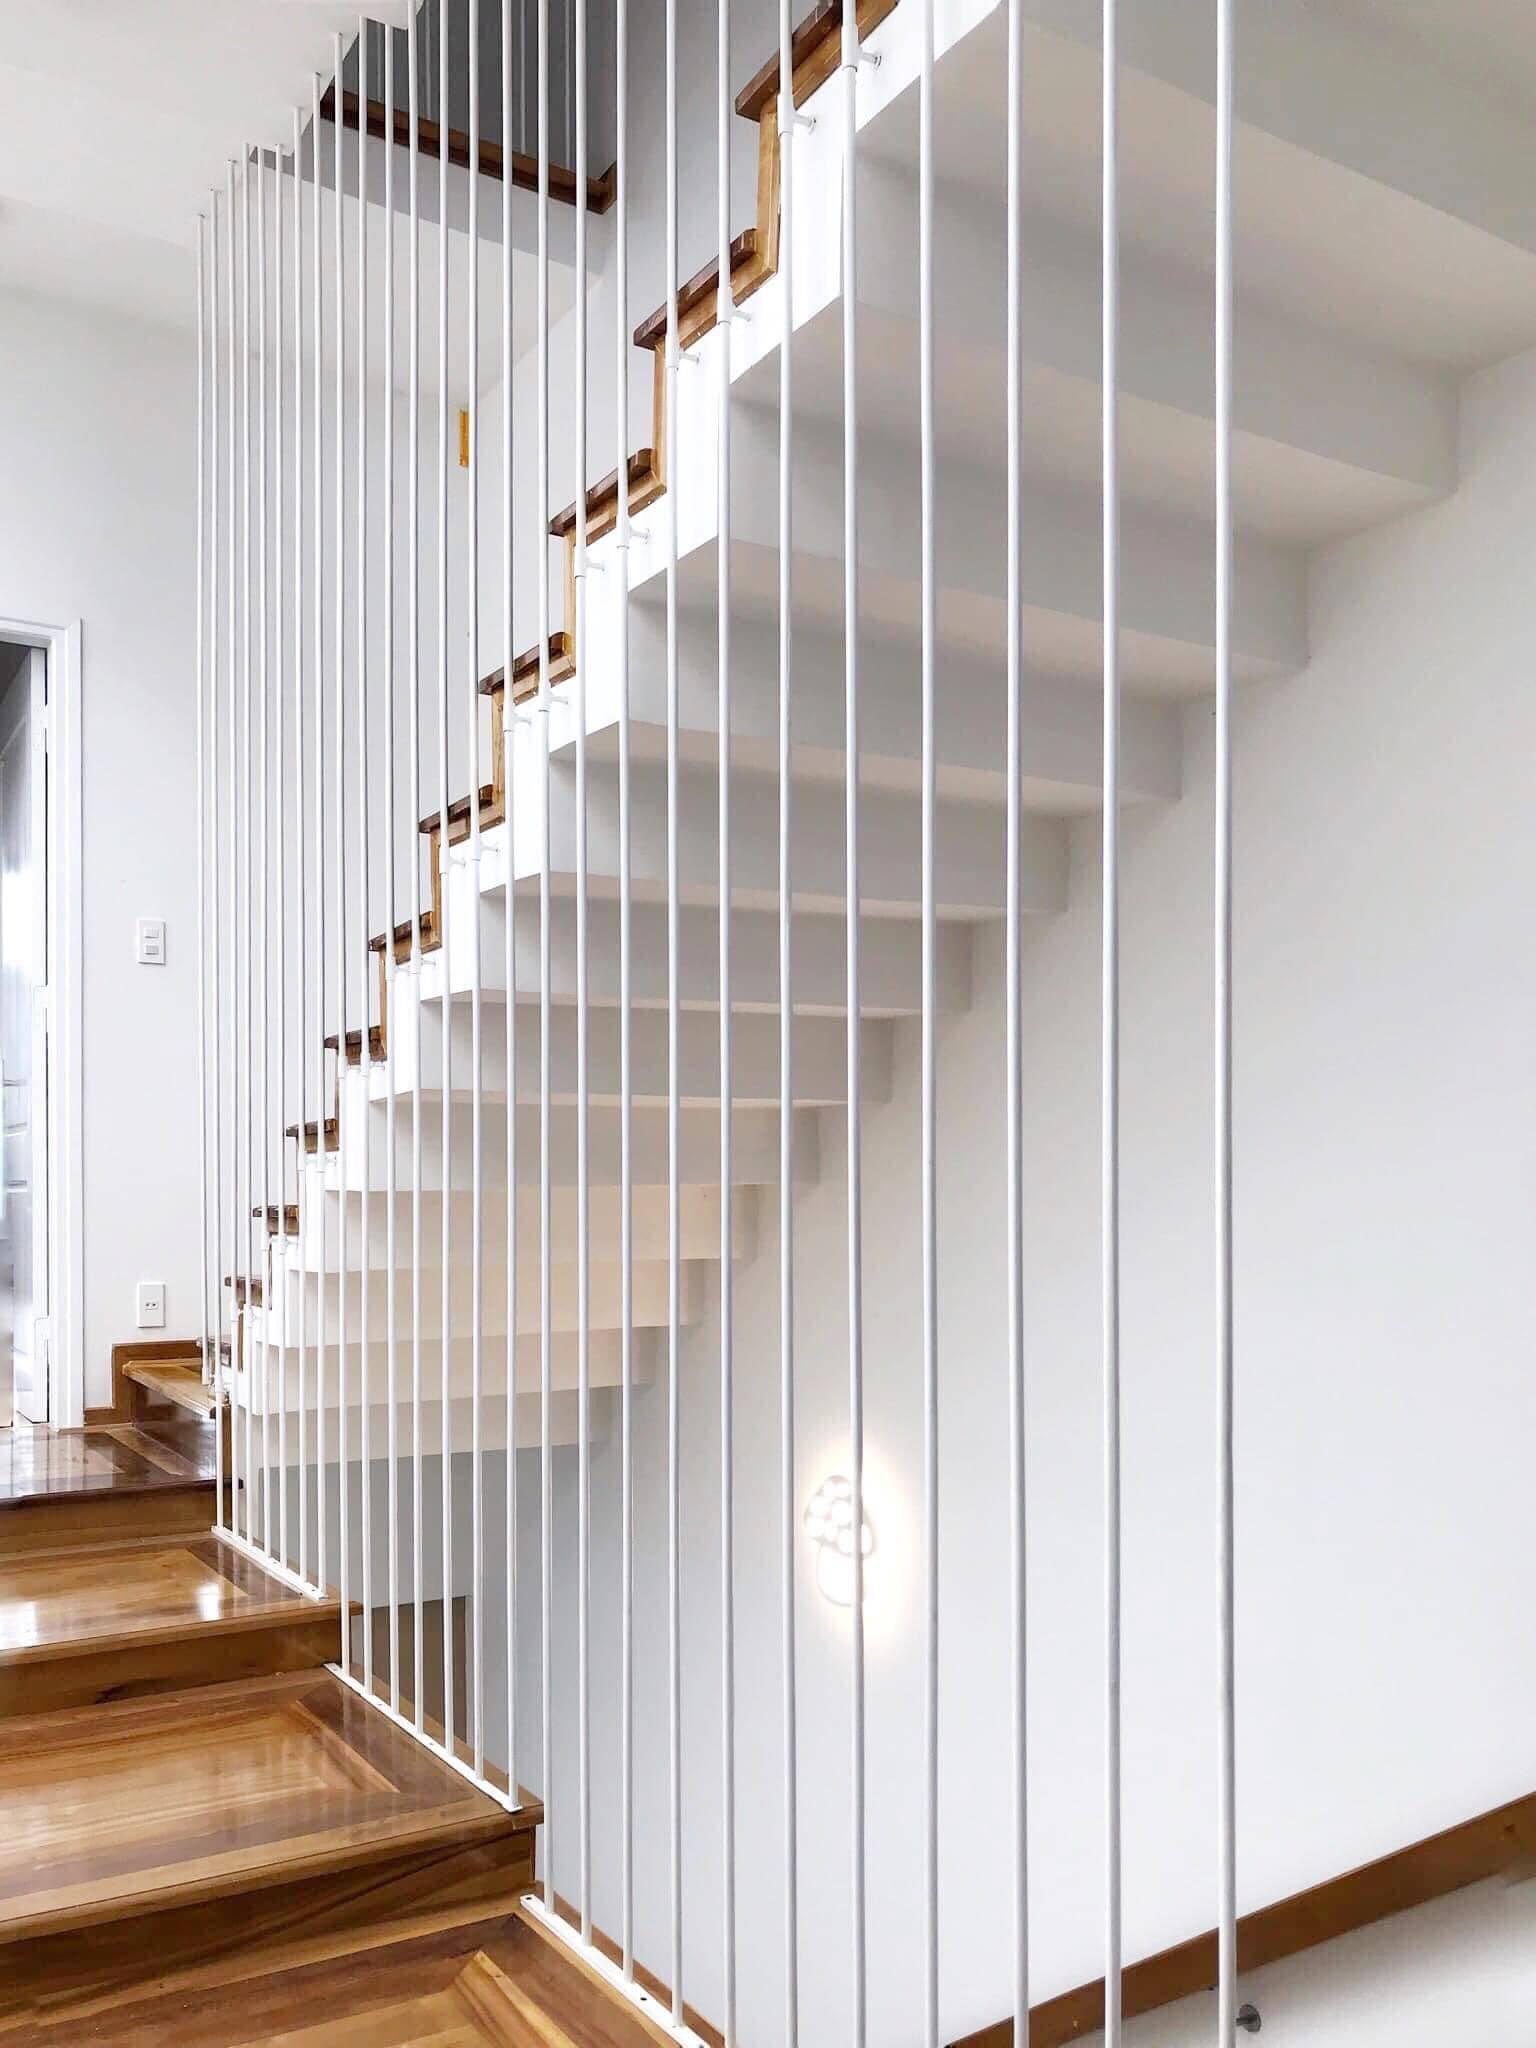 Theo gia chủ chia sẻ, ngay khi lên ý tưởng phác thảo cho căn nhà mong muốn, anh đã chọn chiếc cầu thang đầu tiên vì quá thích. Sau đó mới triển khai bố cục các phòng và khu vực khác trong nhà.